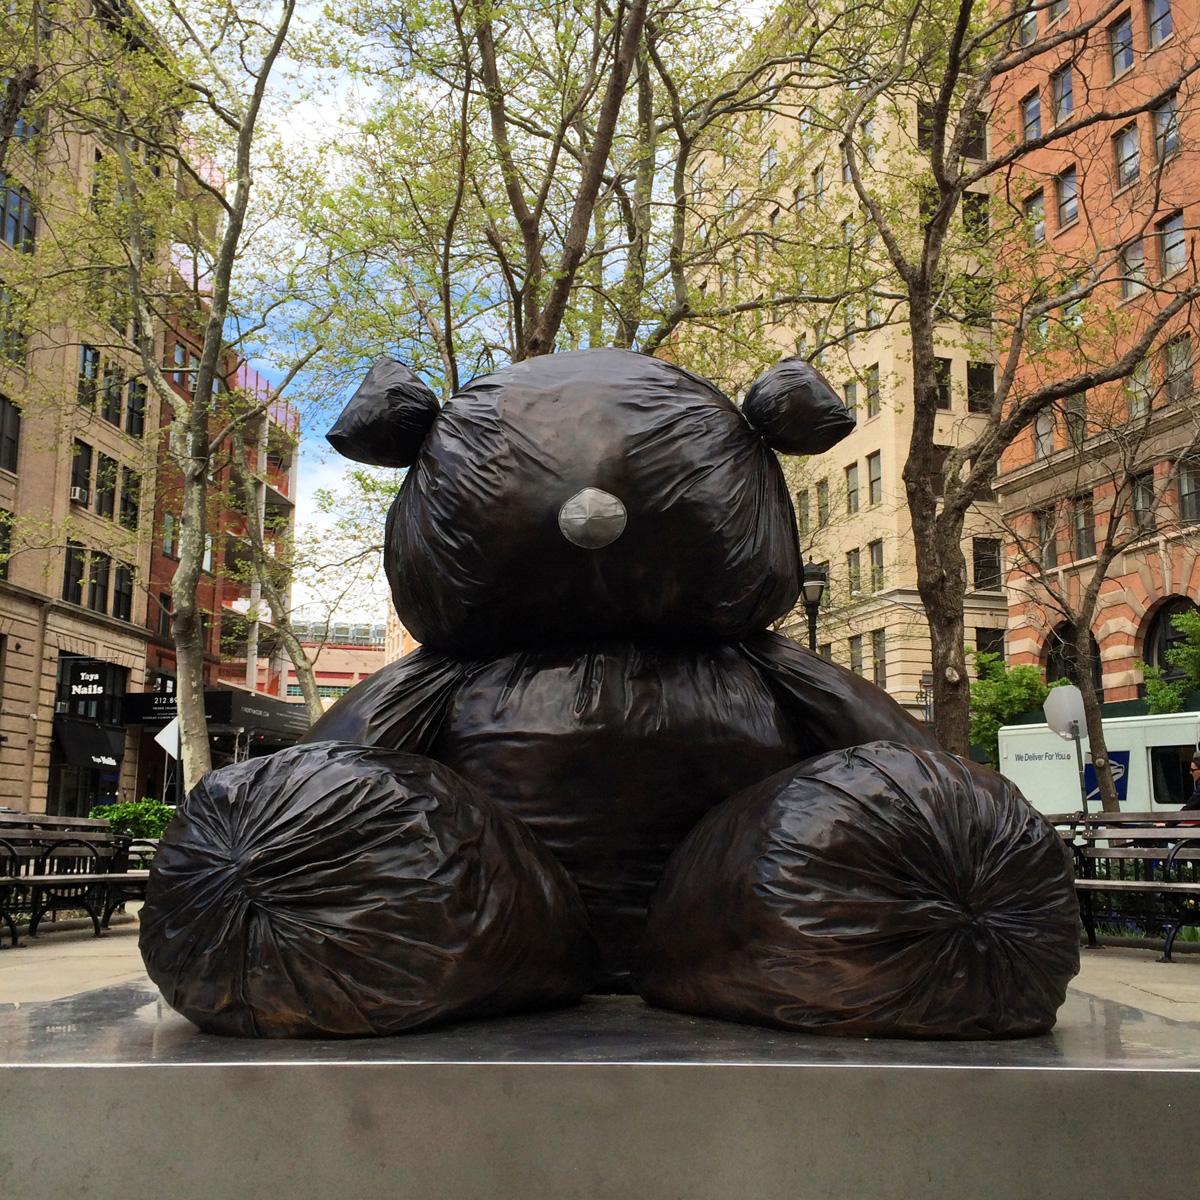 Tribeca sculpture